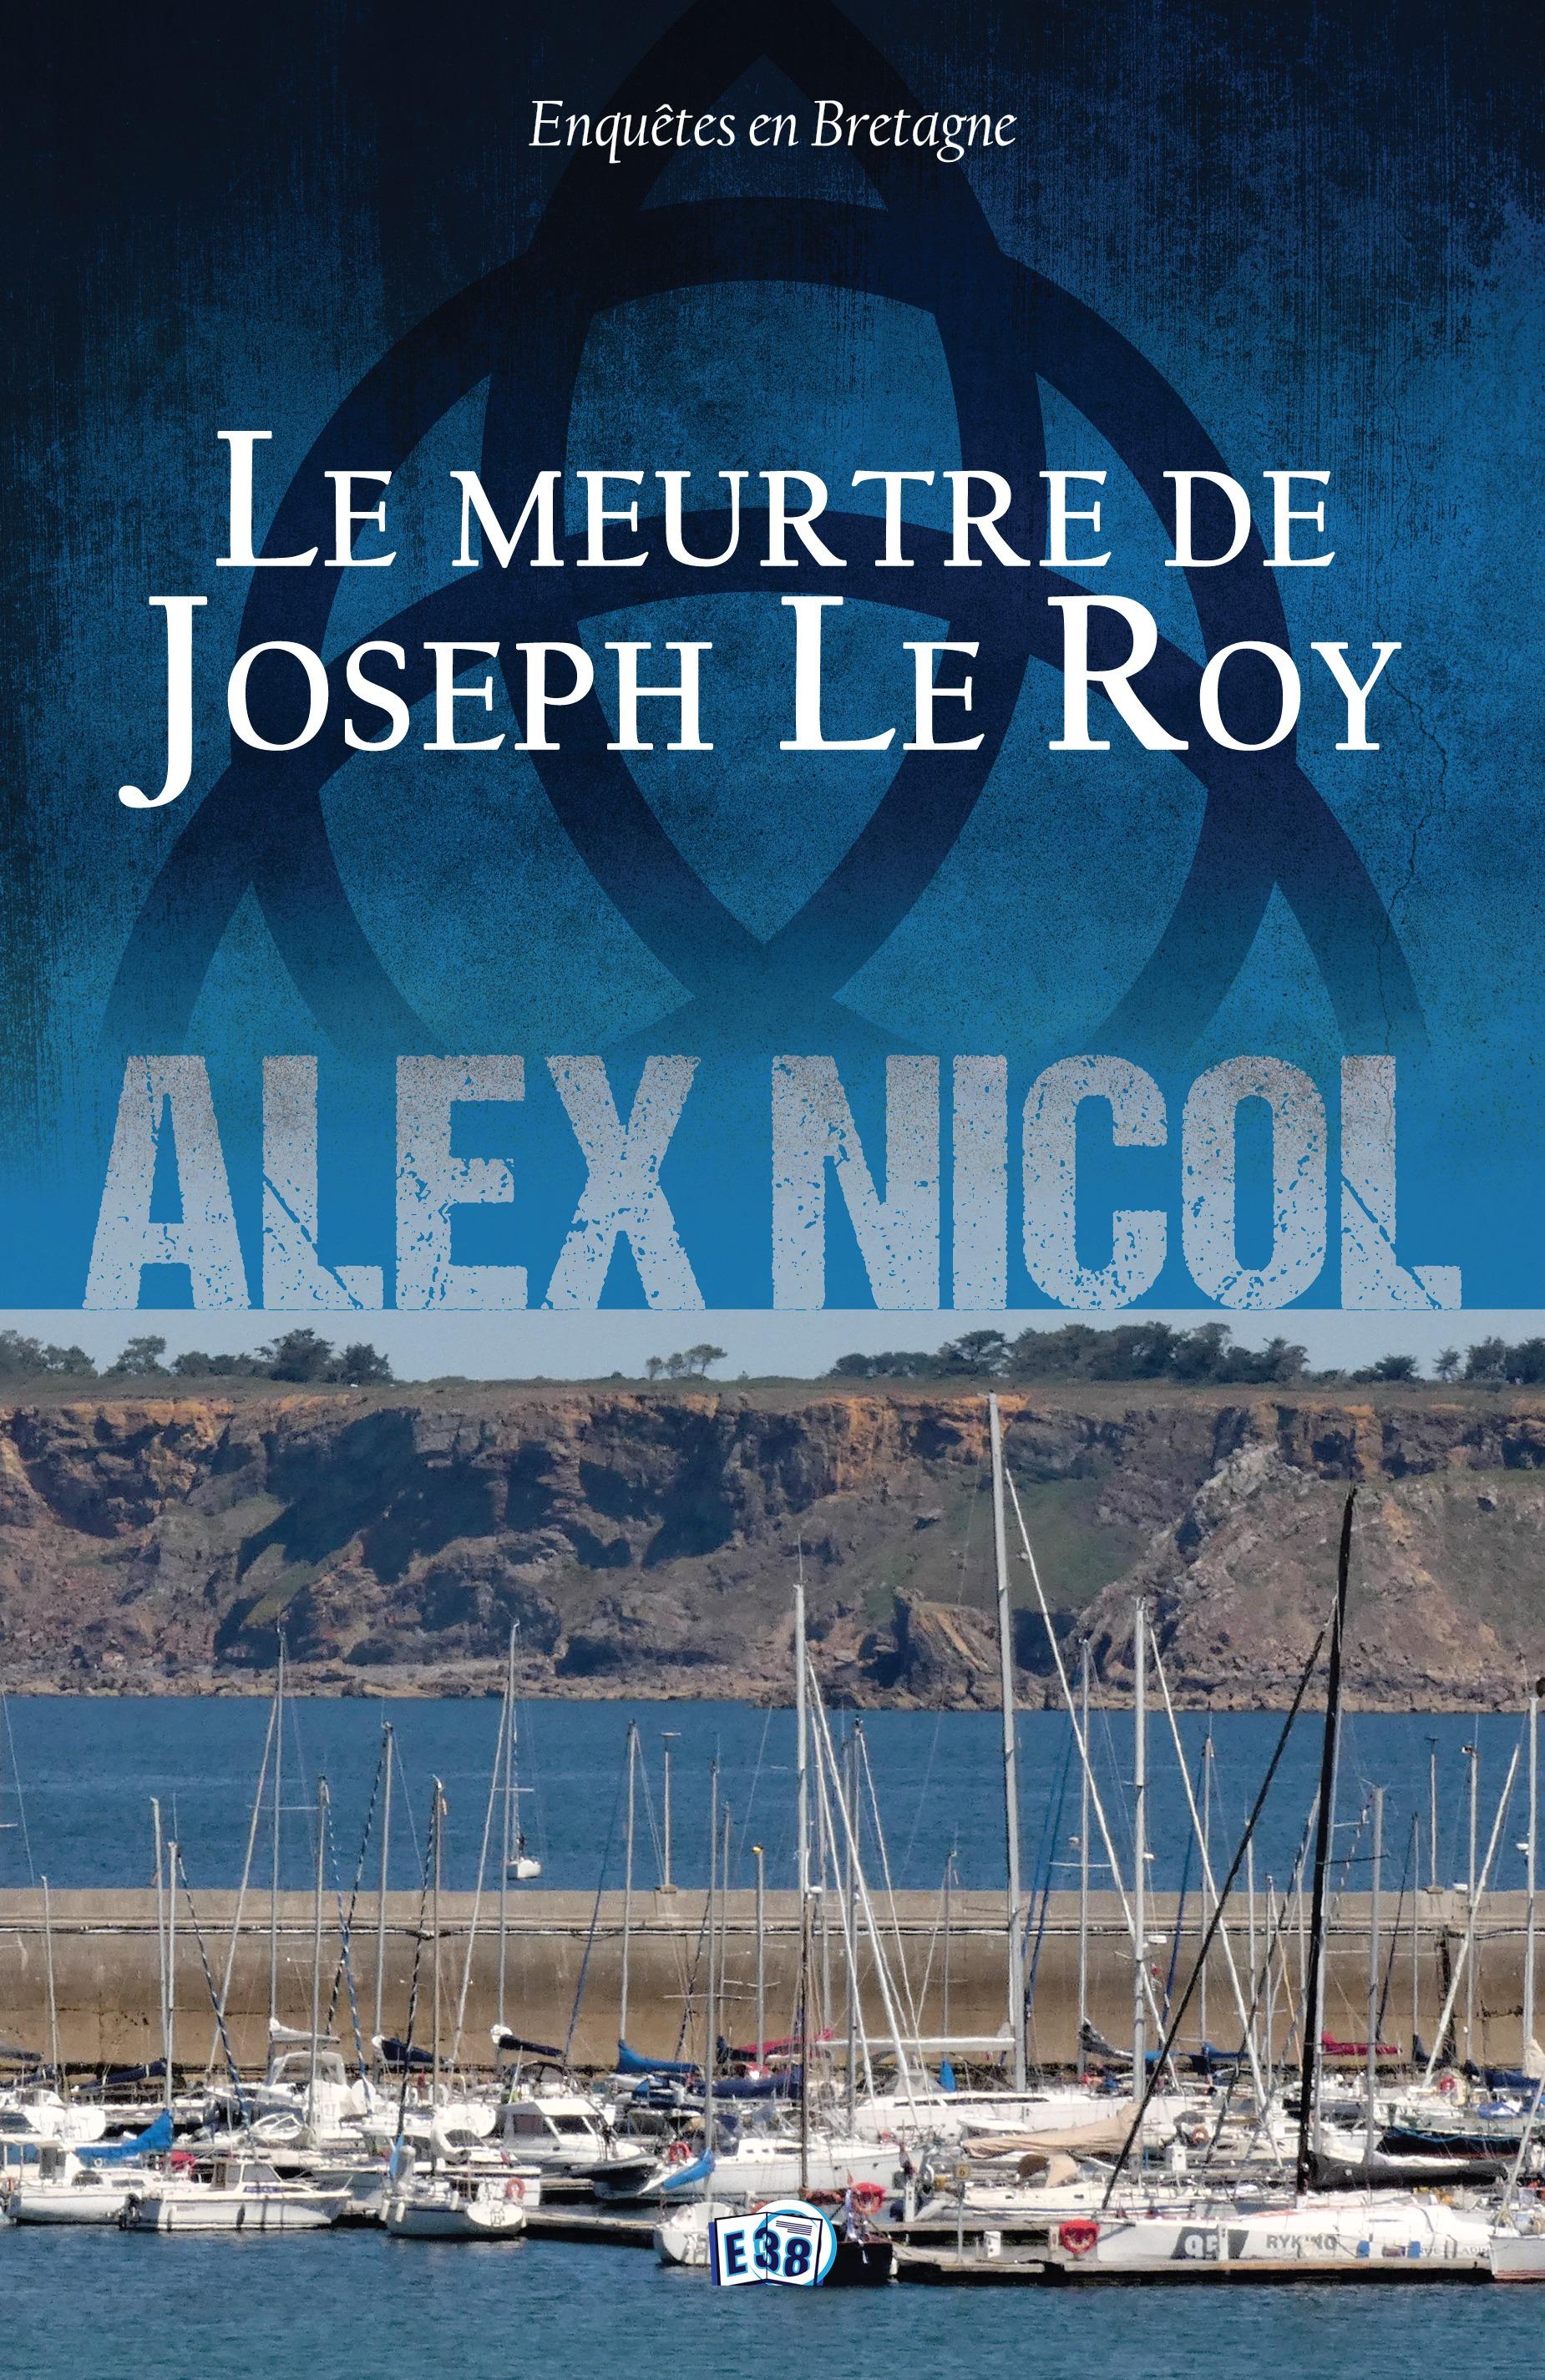 Le Meurtre de Joseph Le Roy